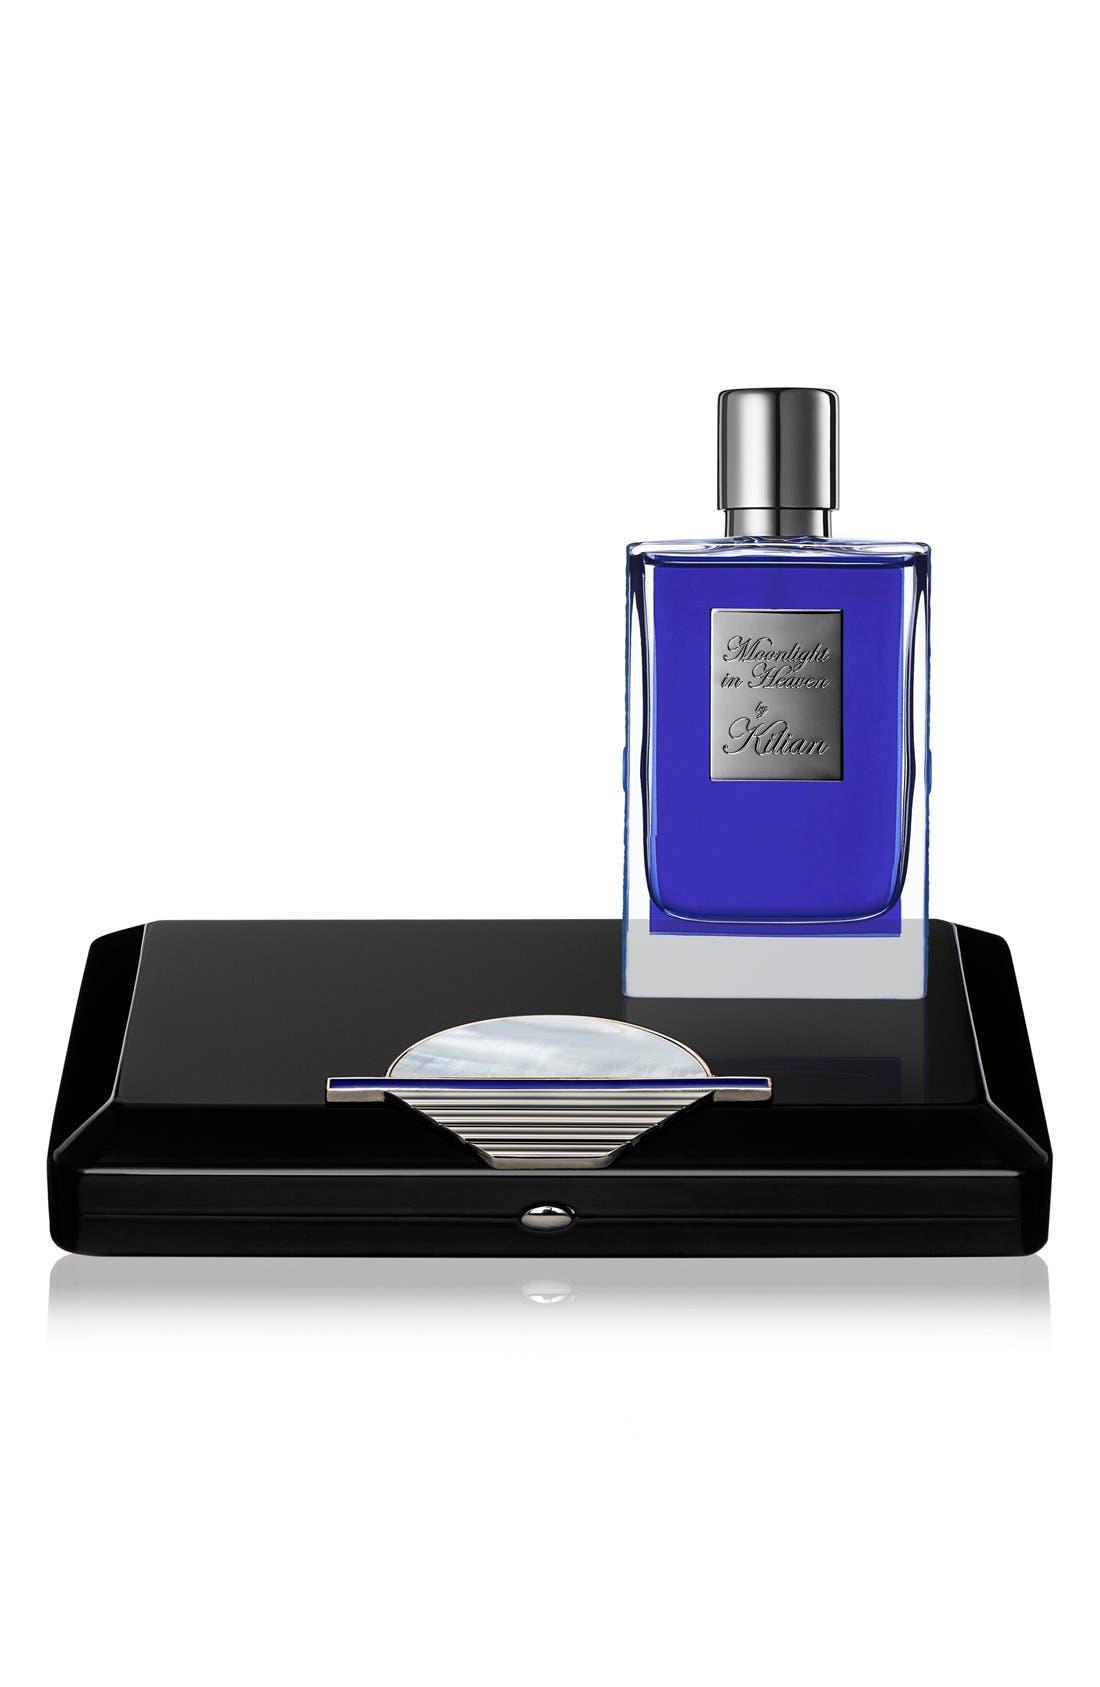 Kilian 'An Escape - Moonlight in Heaven' Refillable Fragrance